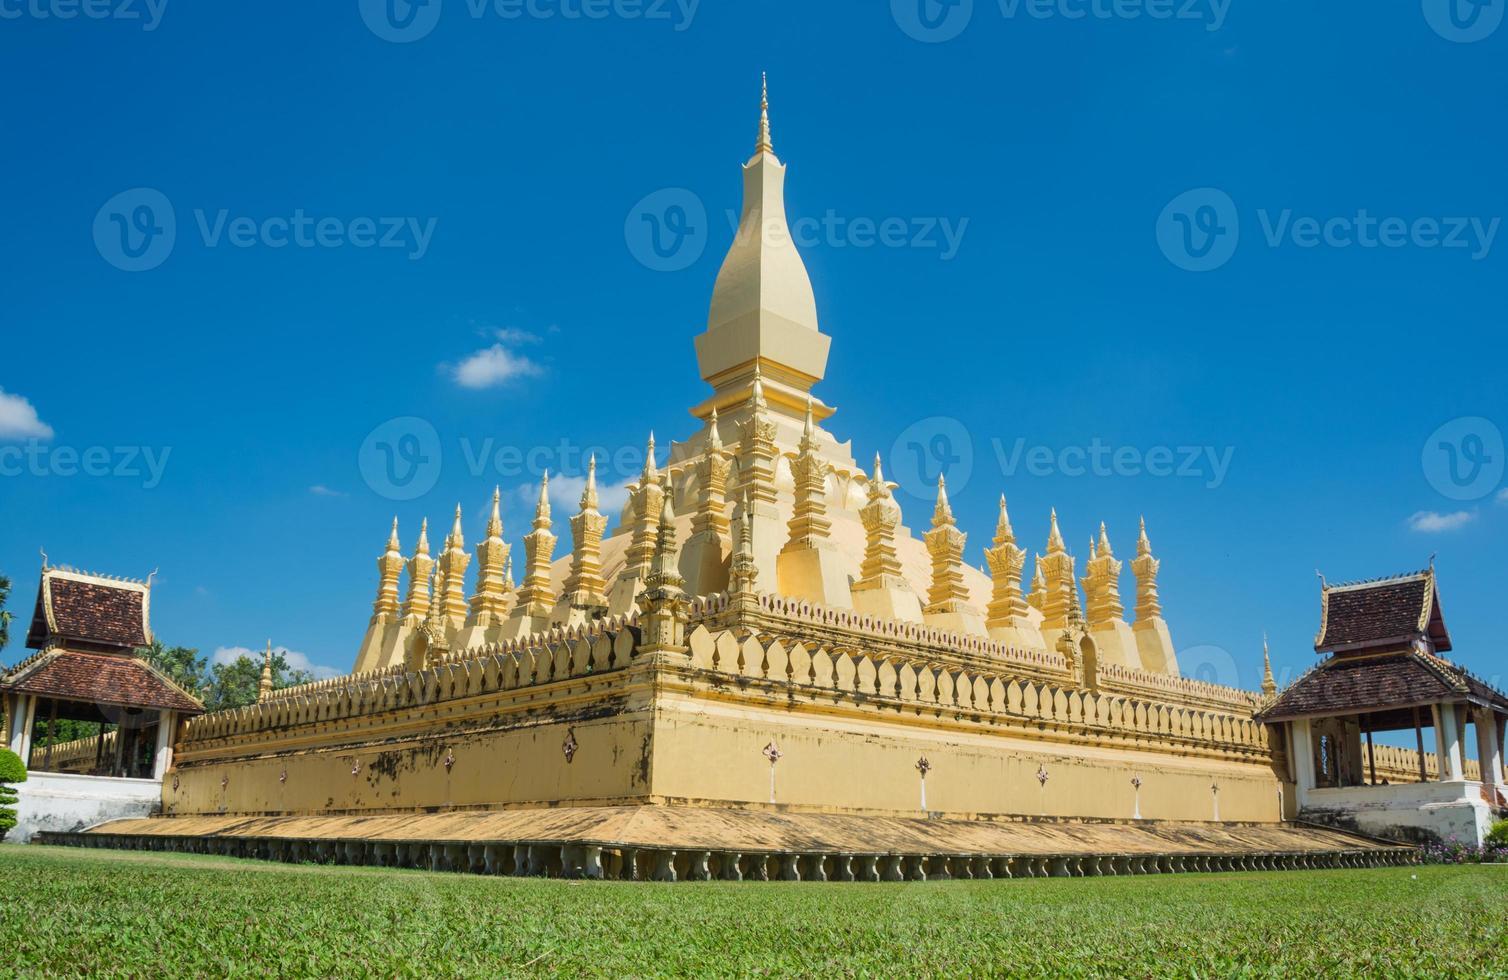 laos resa landmärke, gyllene pagoda wat phra att luang foto